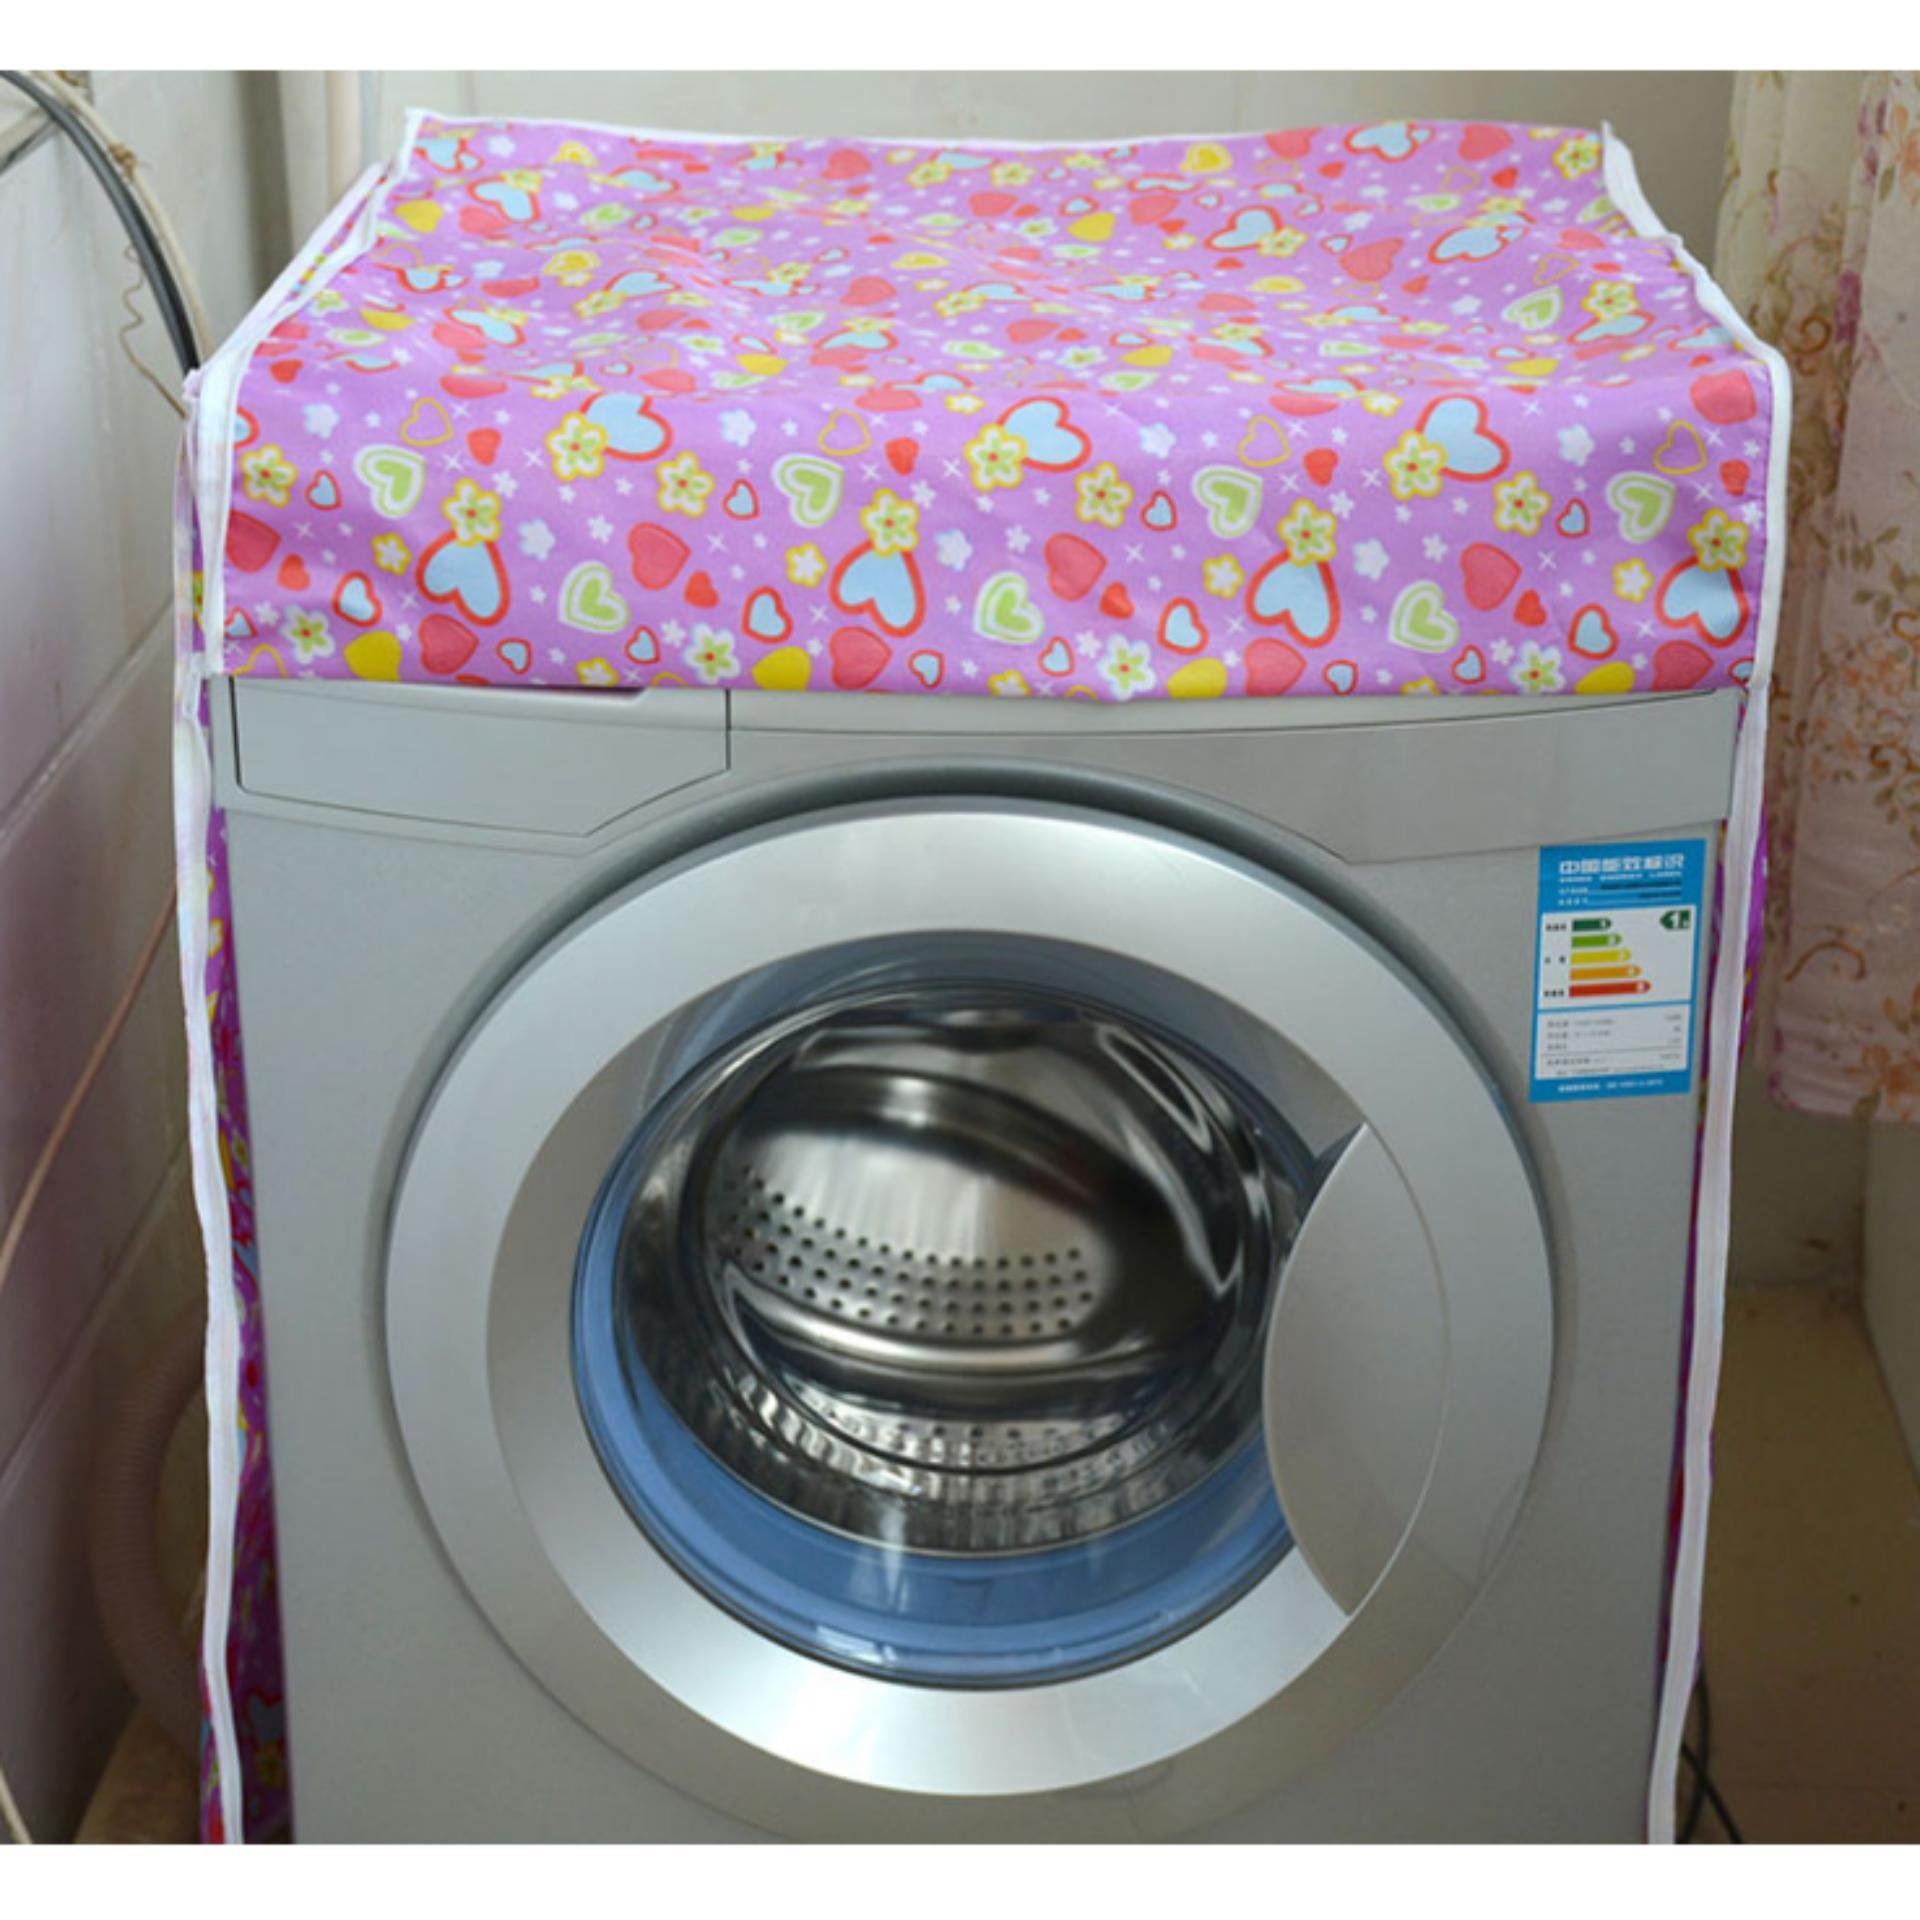 2 Vỏ bọc máy giặt cửa ngang ( tặng túi lưới giặt đồ )